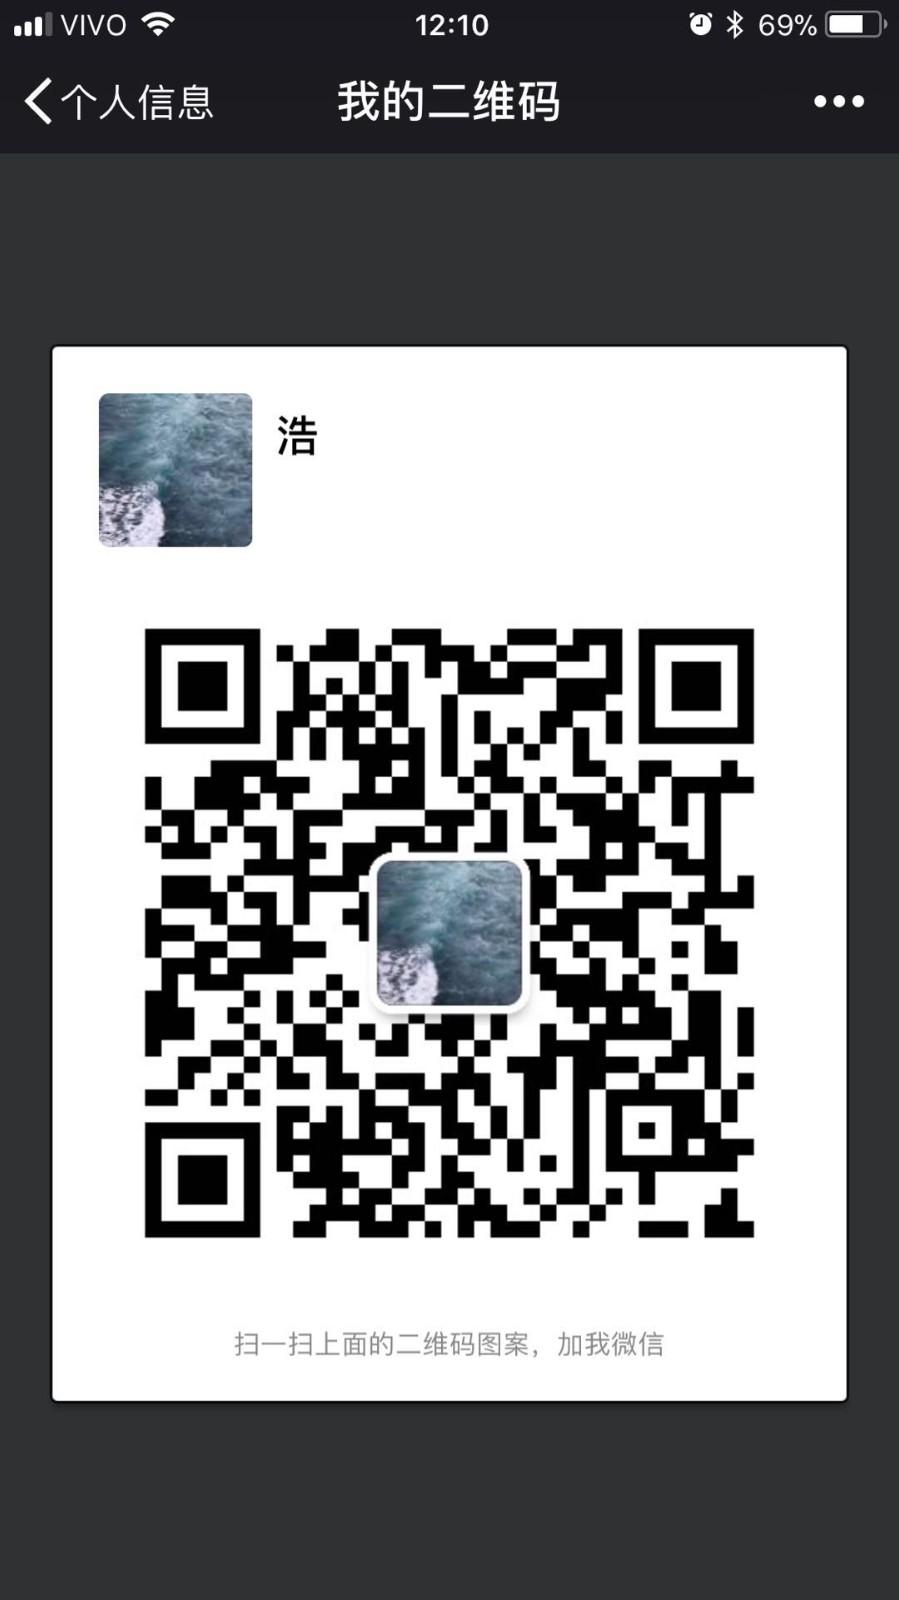 (征婚)男,30岁浙江青田人,有车有店